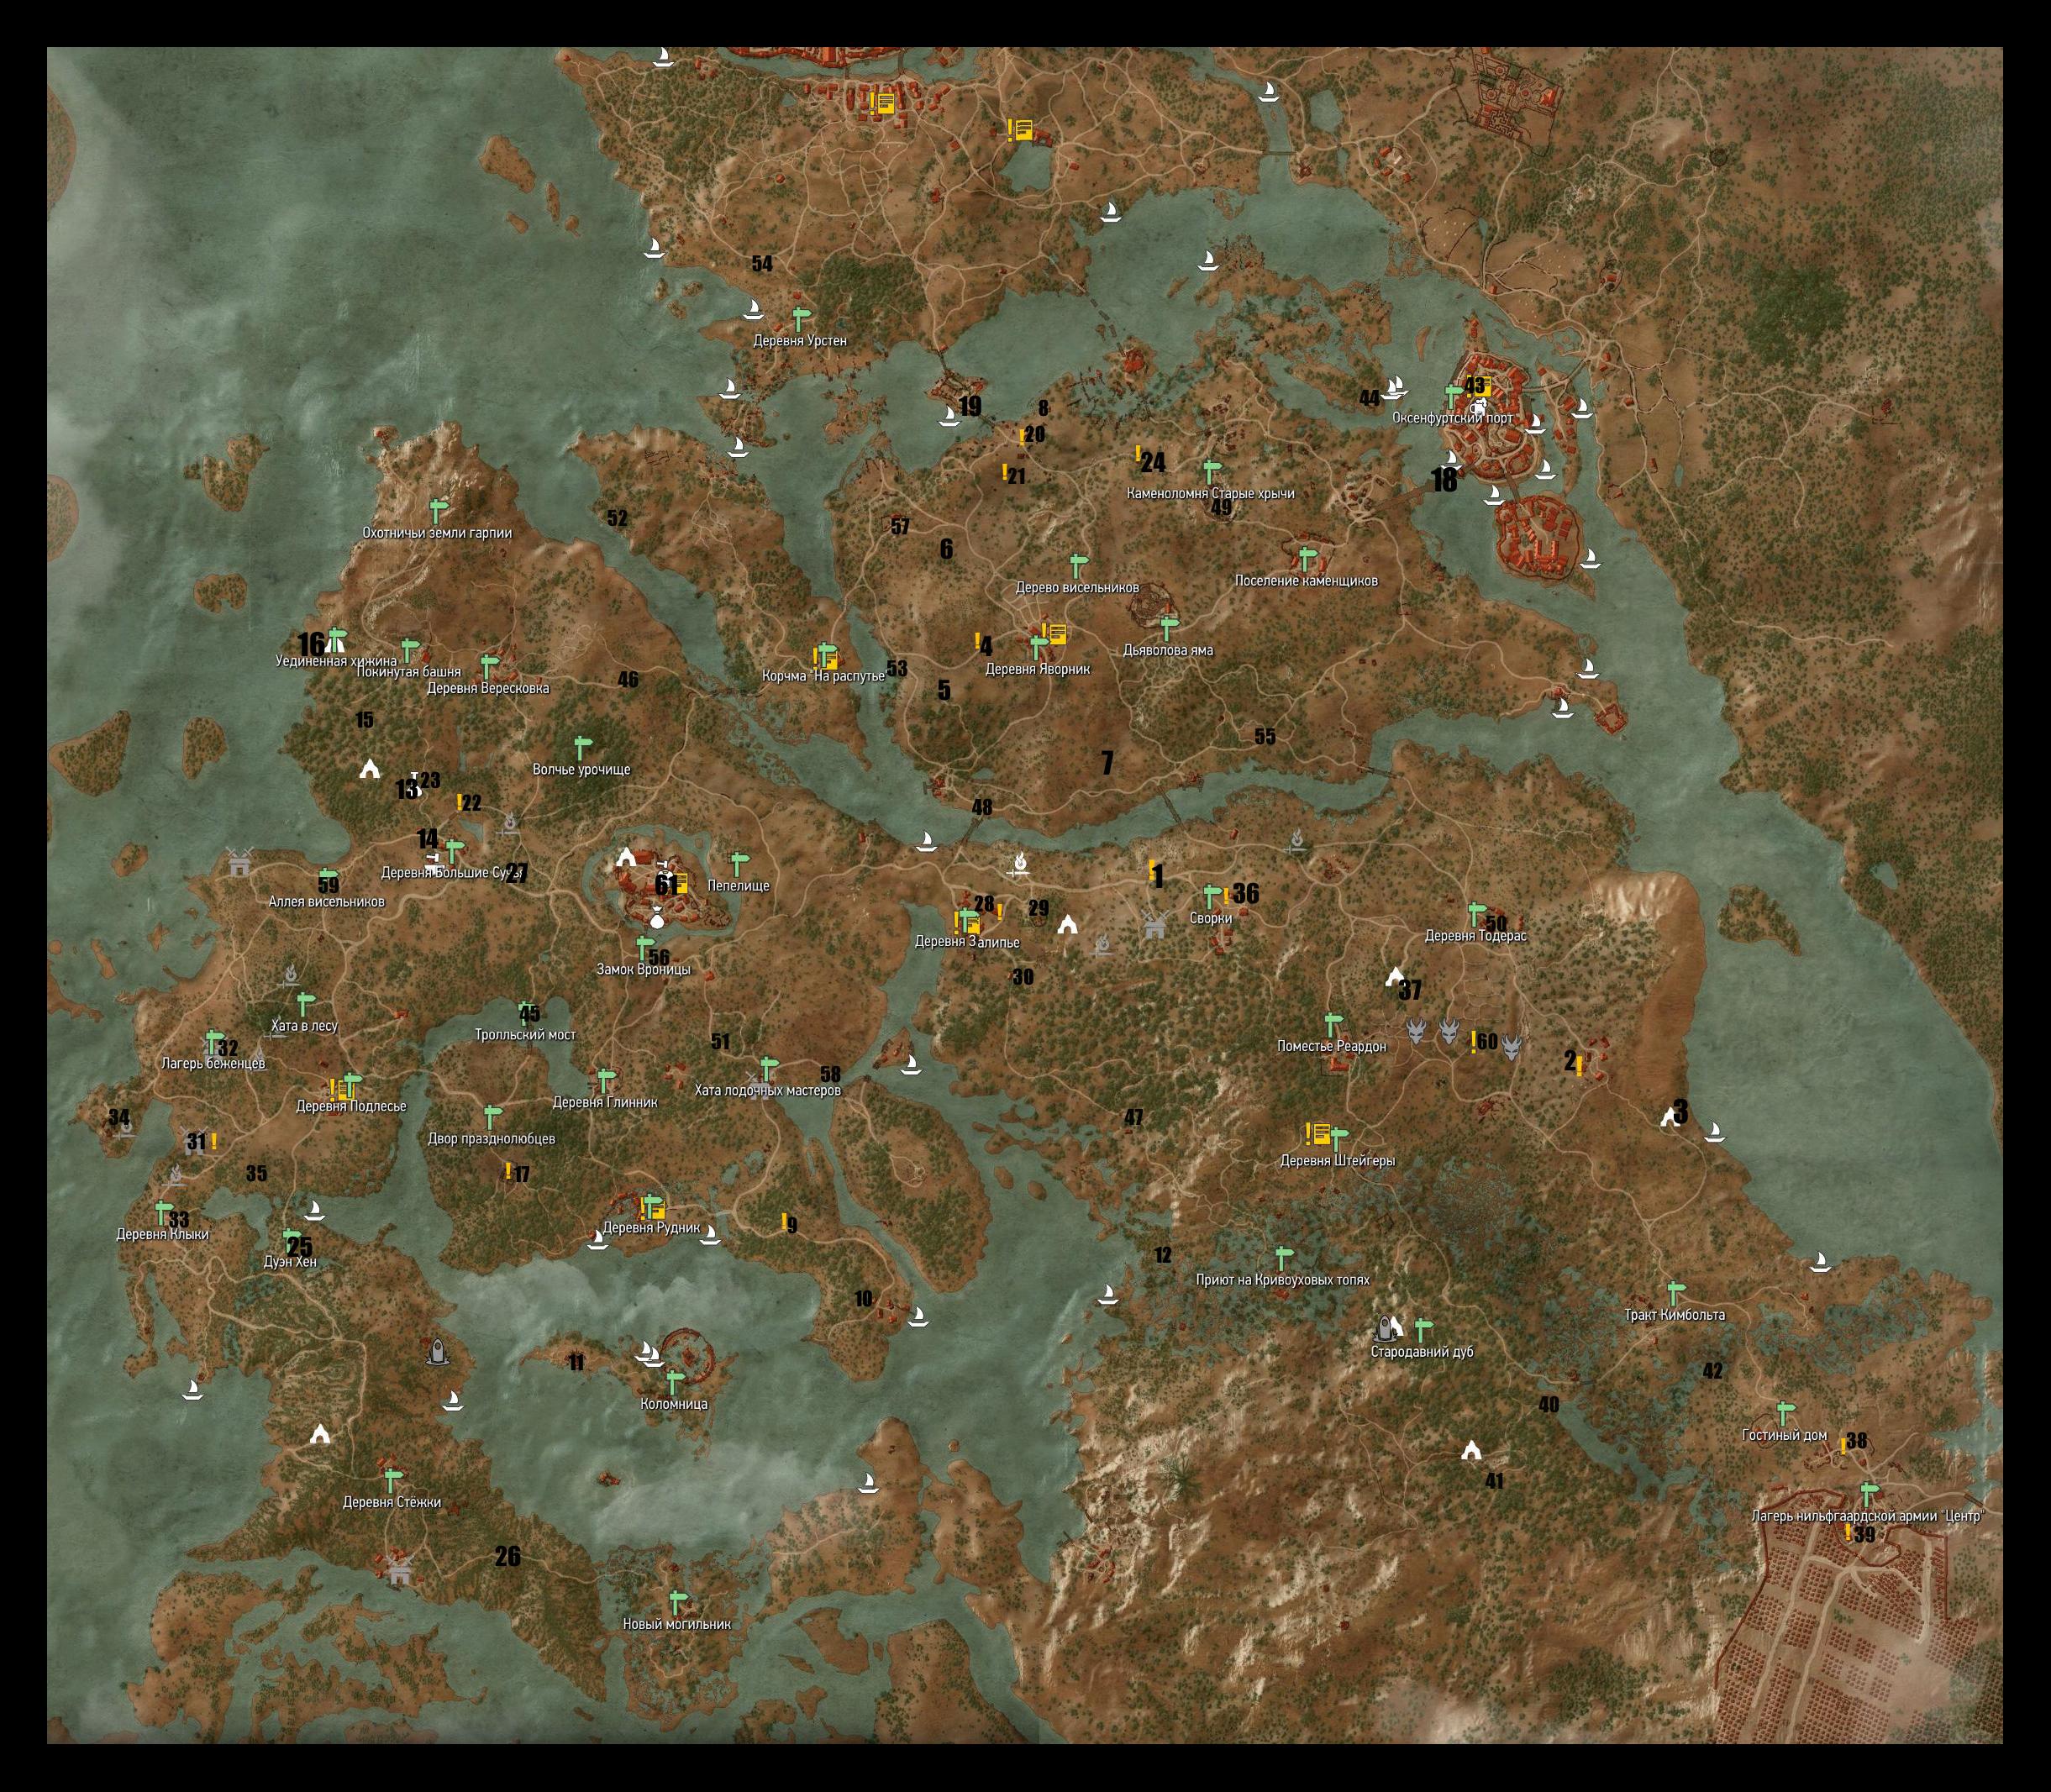 ведьмак 3 велен карта на русском языке